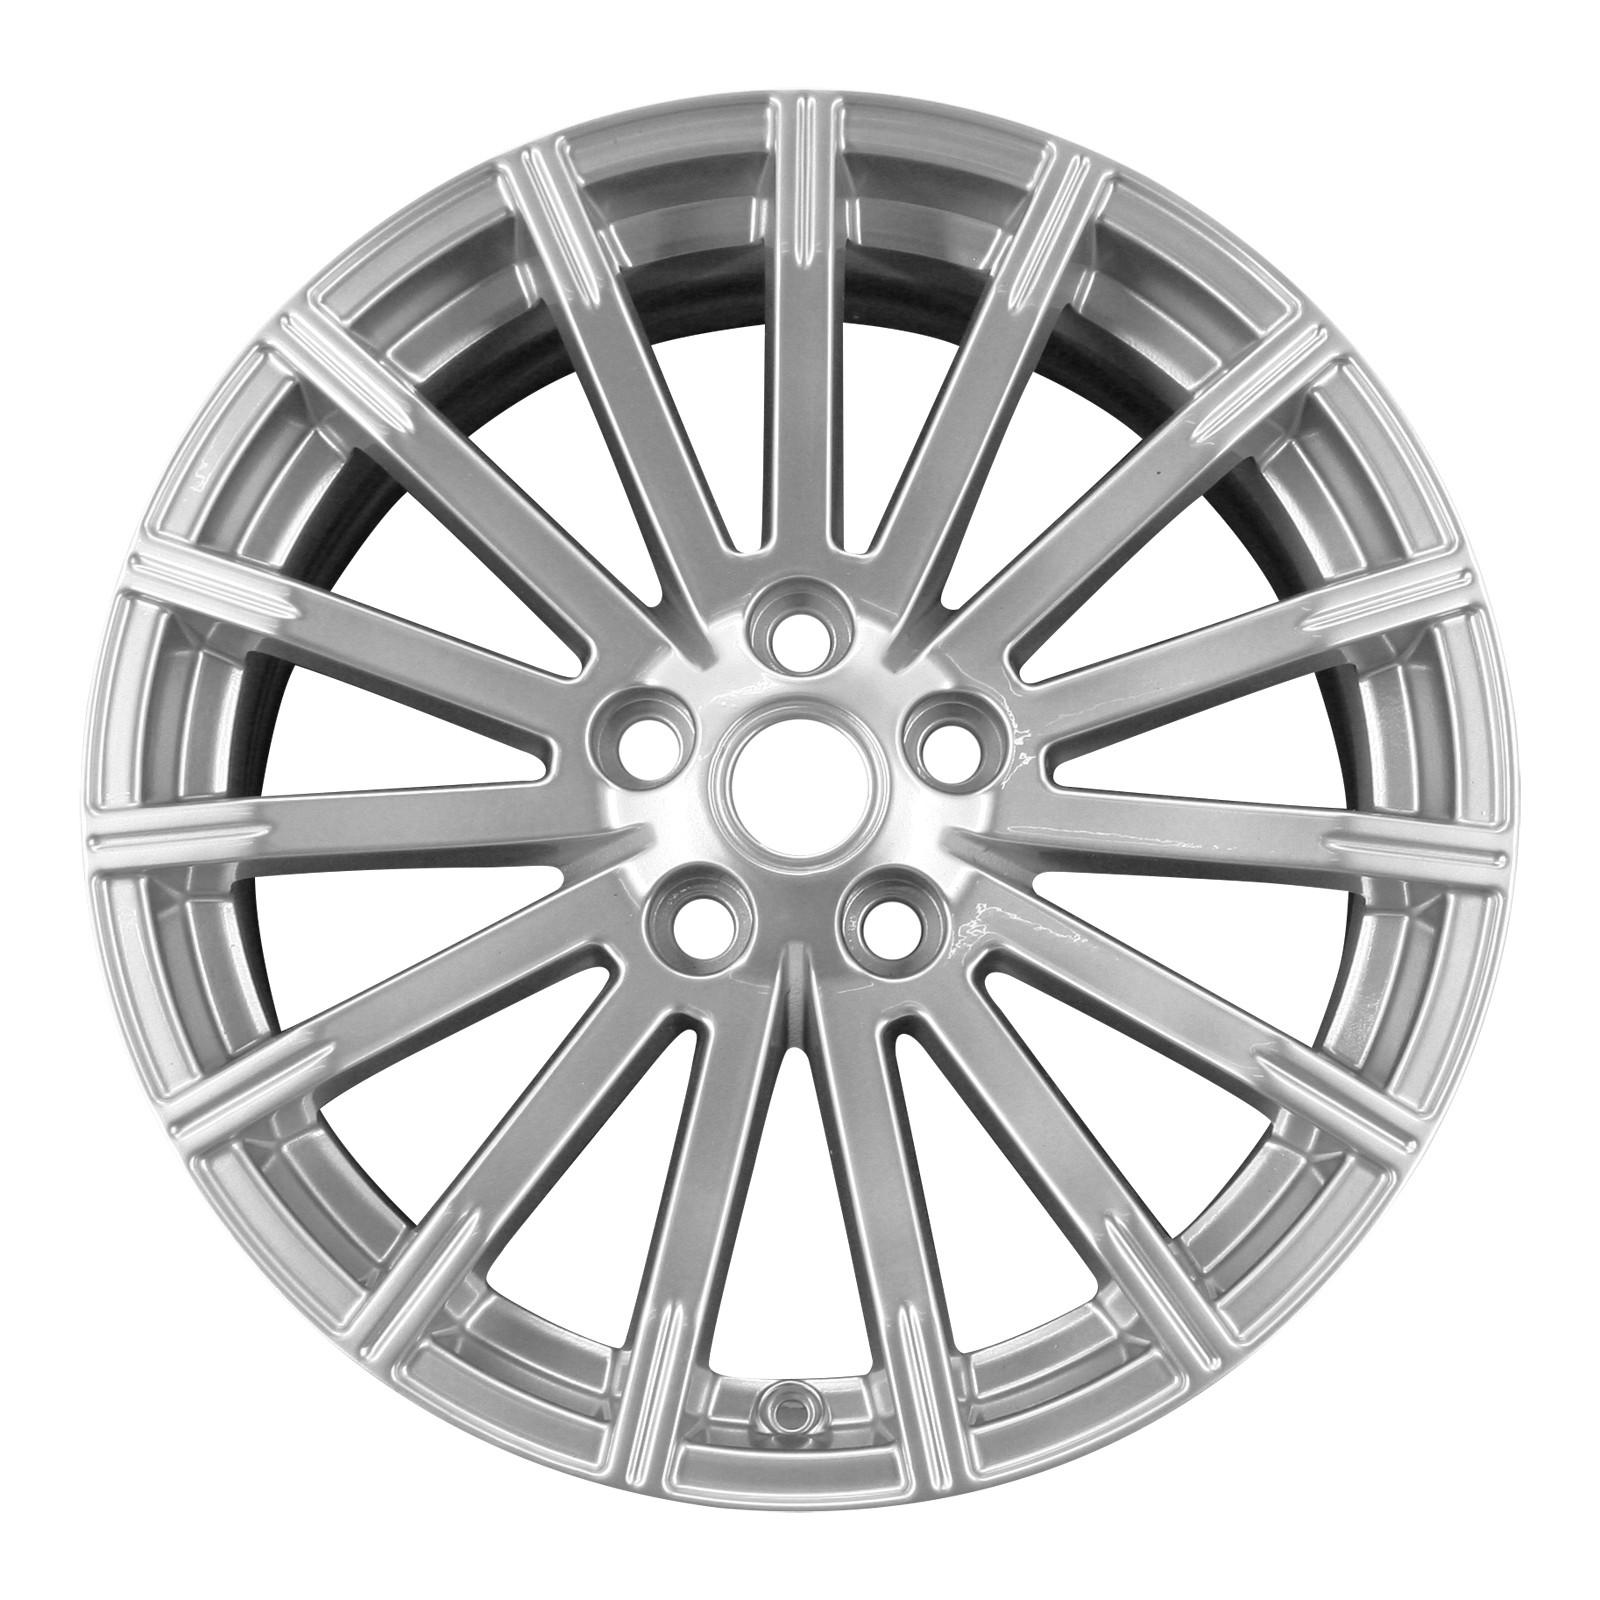 Колесный диск R19 Style 5 Sparkle Silver для Range Rover Sport 2010-2014